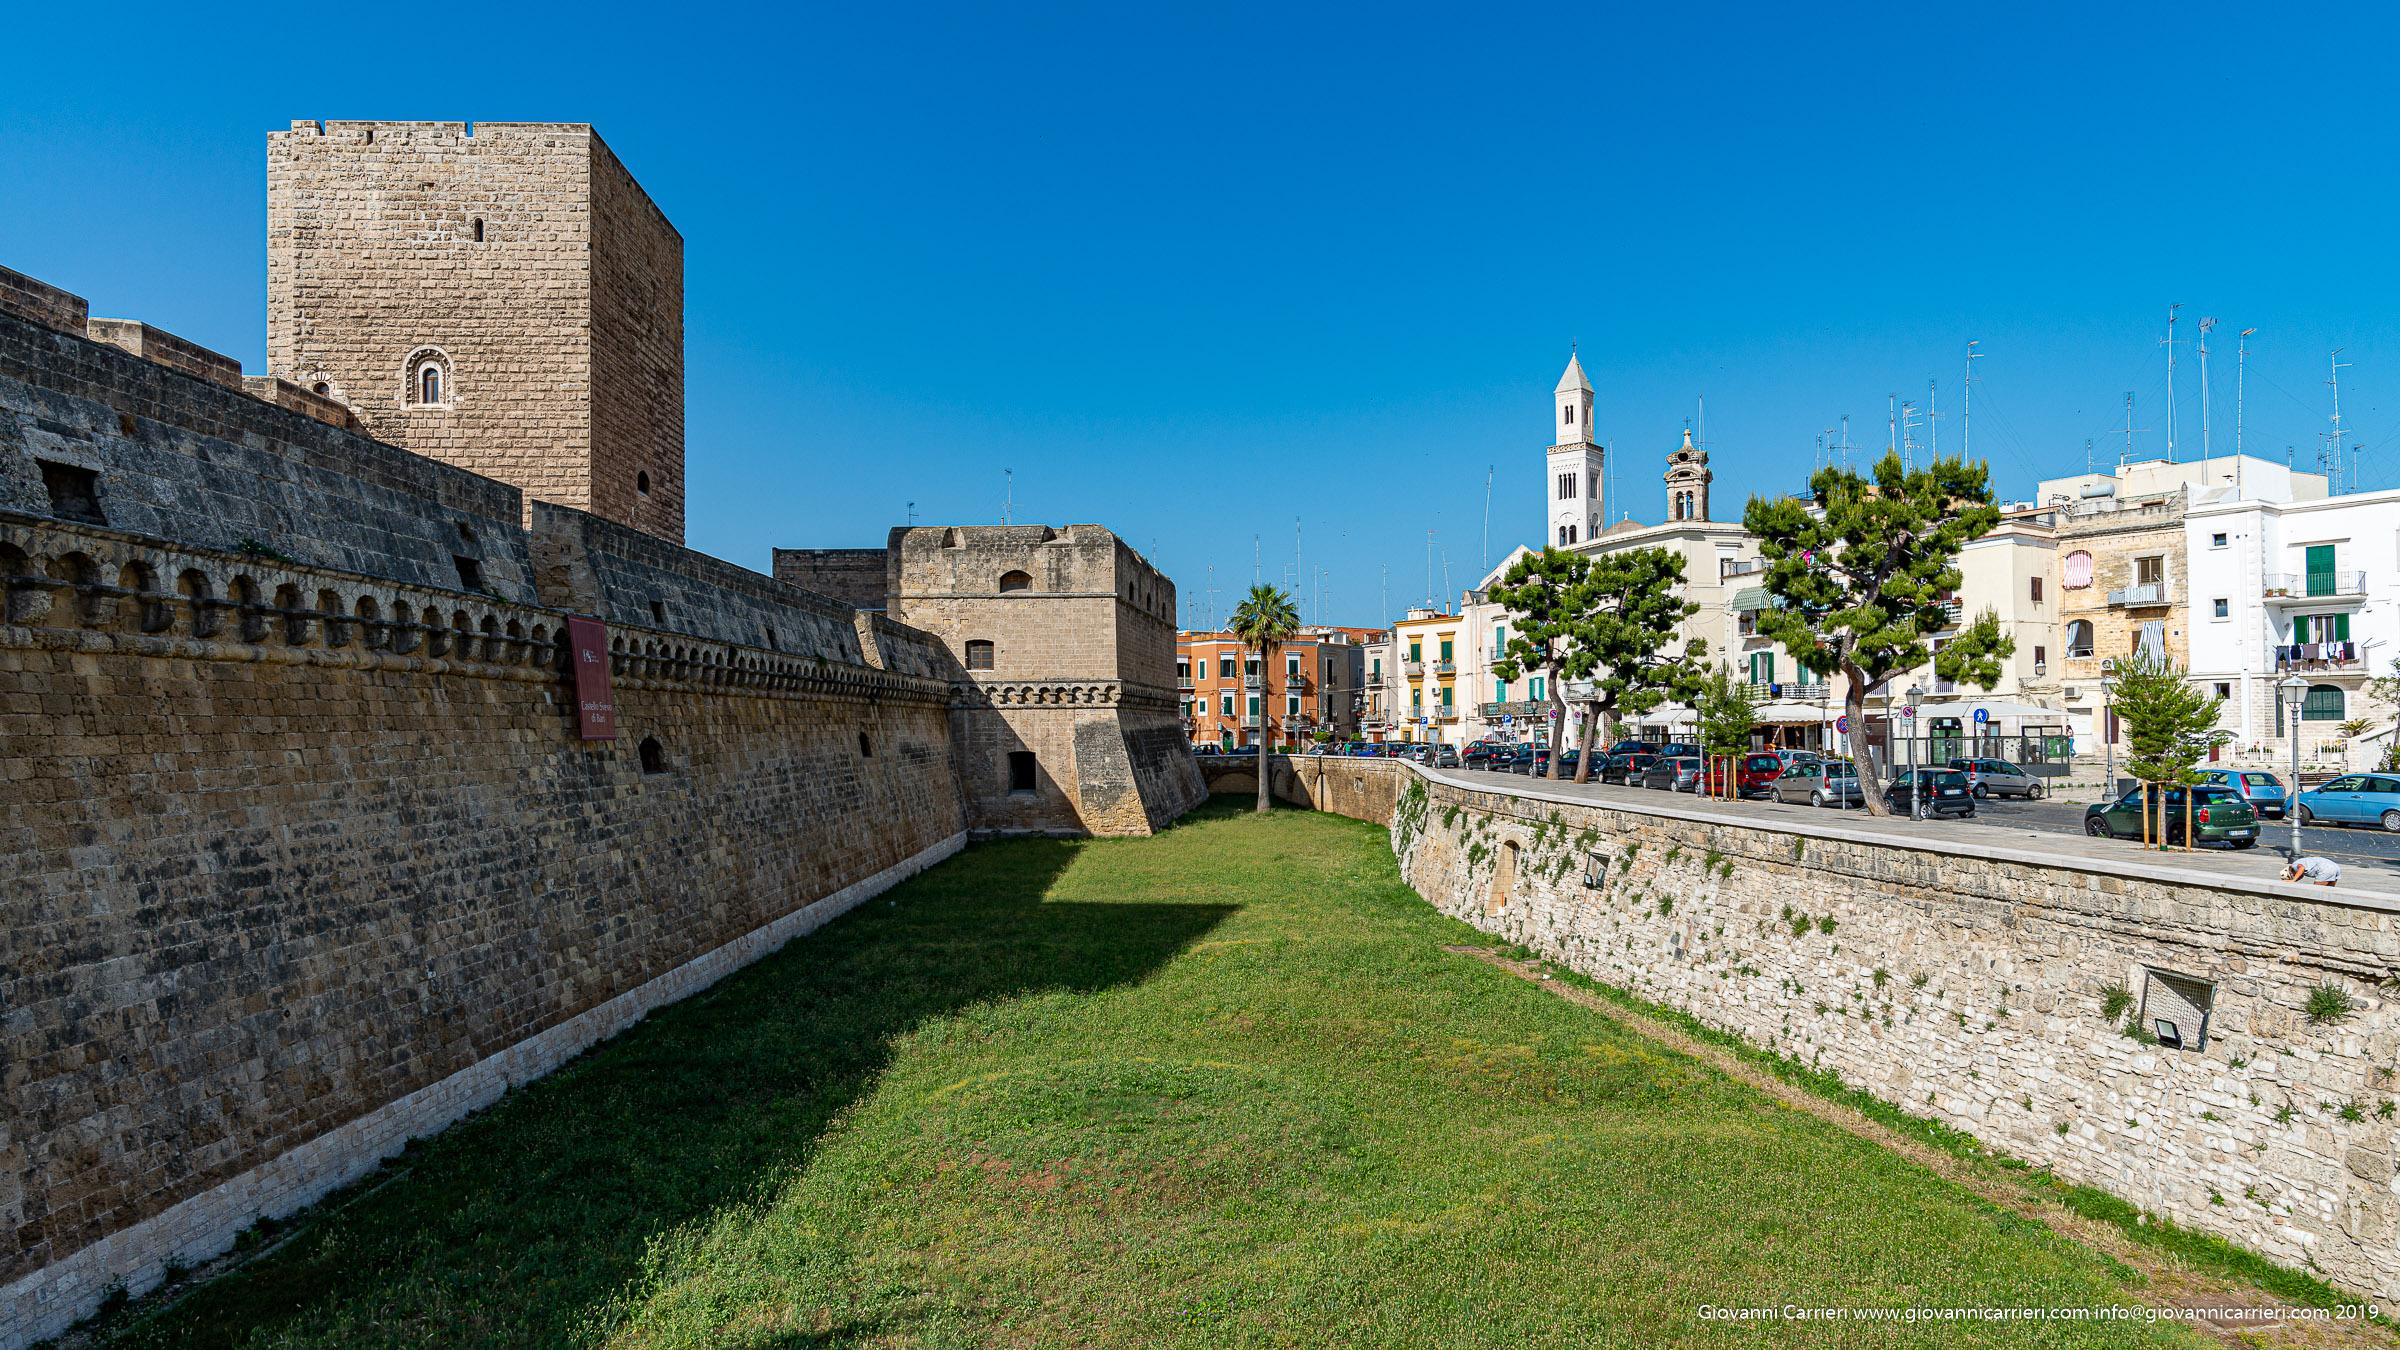 Il fossato del Castello Svevo di Bari